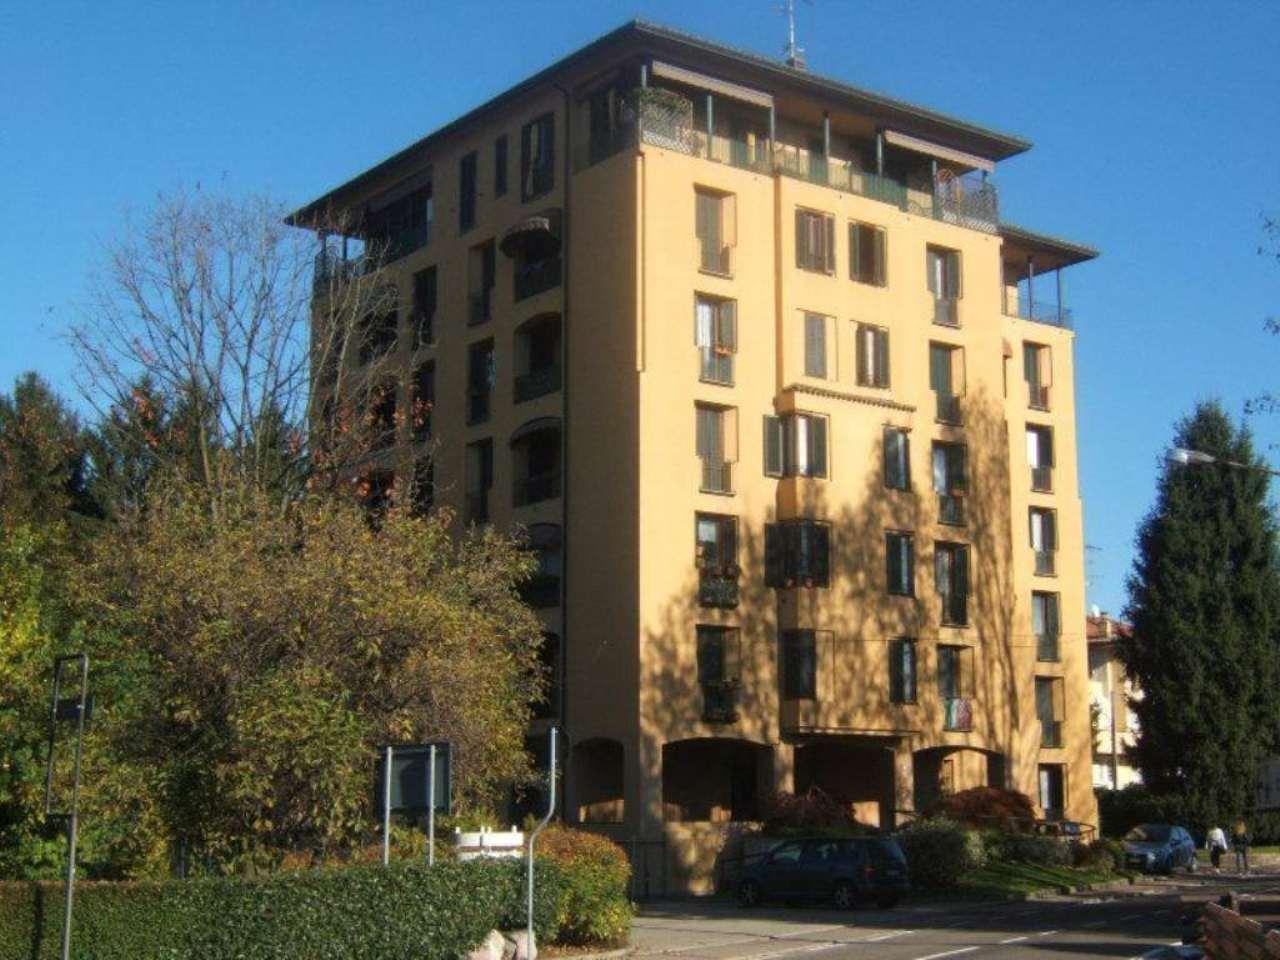 Appartamento in vendita a Sesto Calende, 2 locali, prezzo € 115.000 | Cambio Casa.it